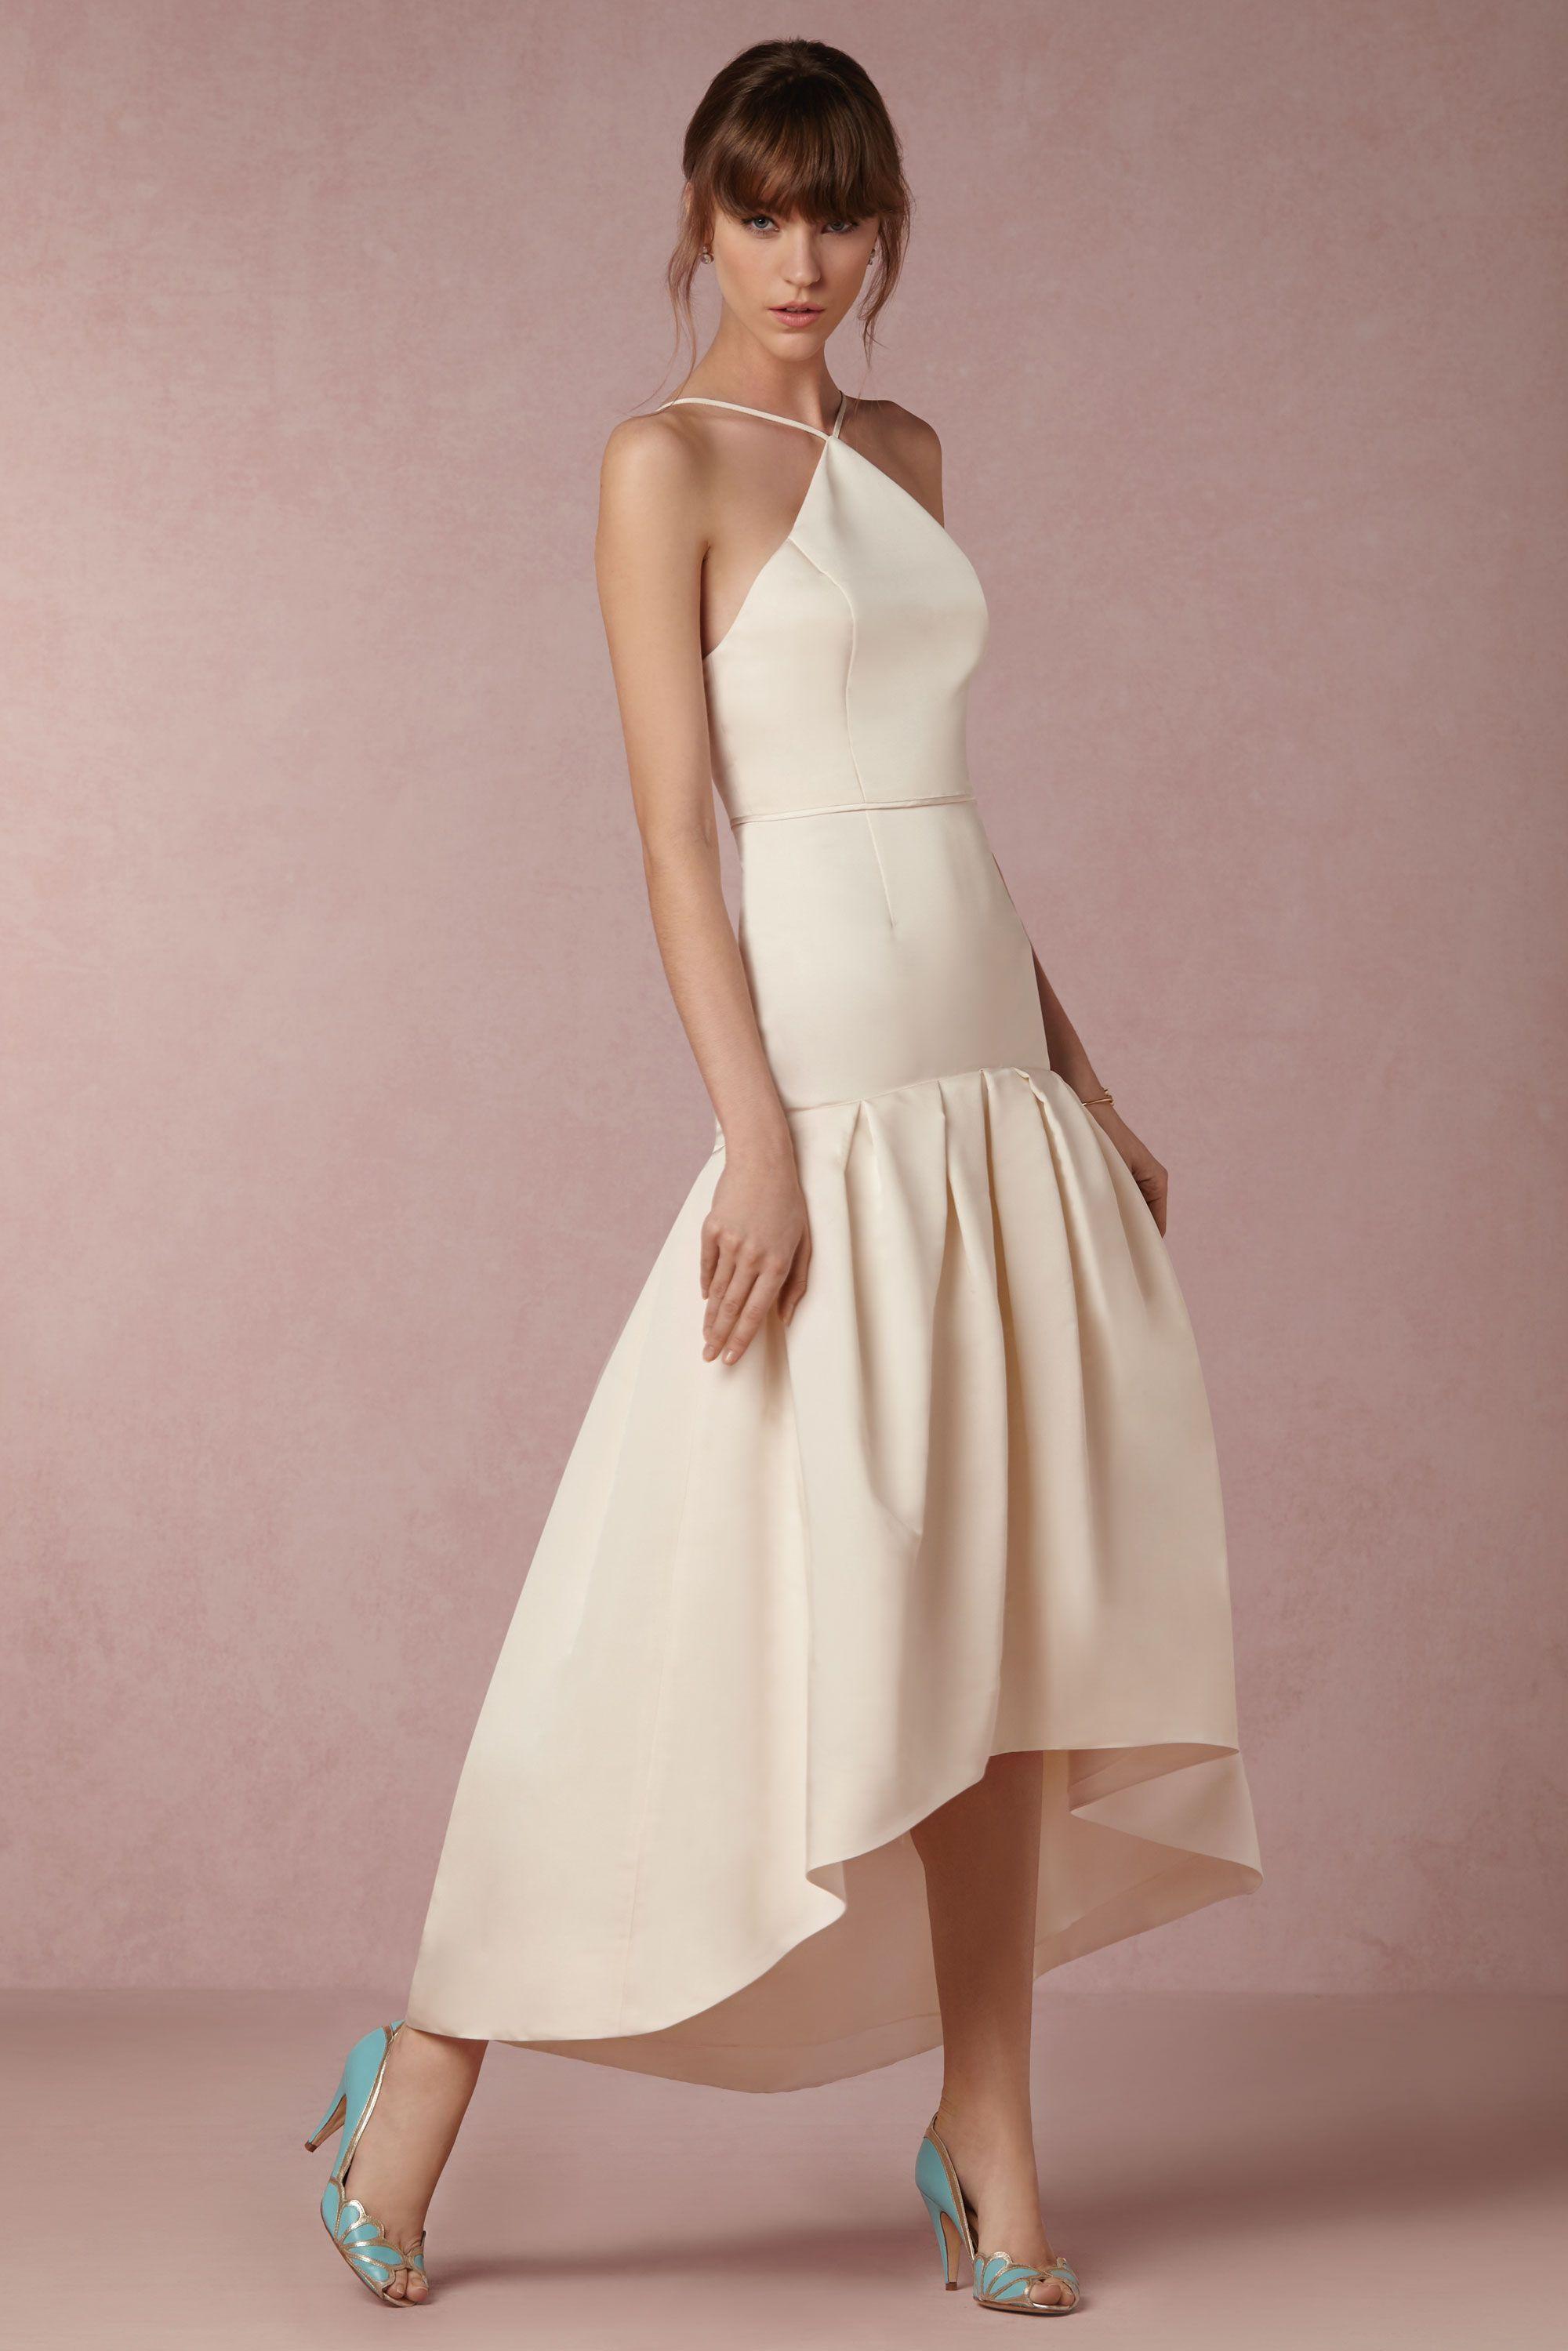 Ivory silk-taffeta dress with high low hem from Jill Stuart  795773612